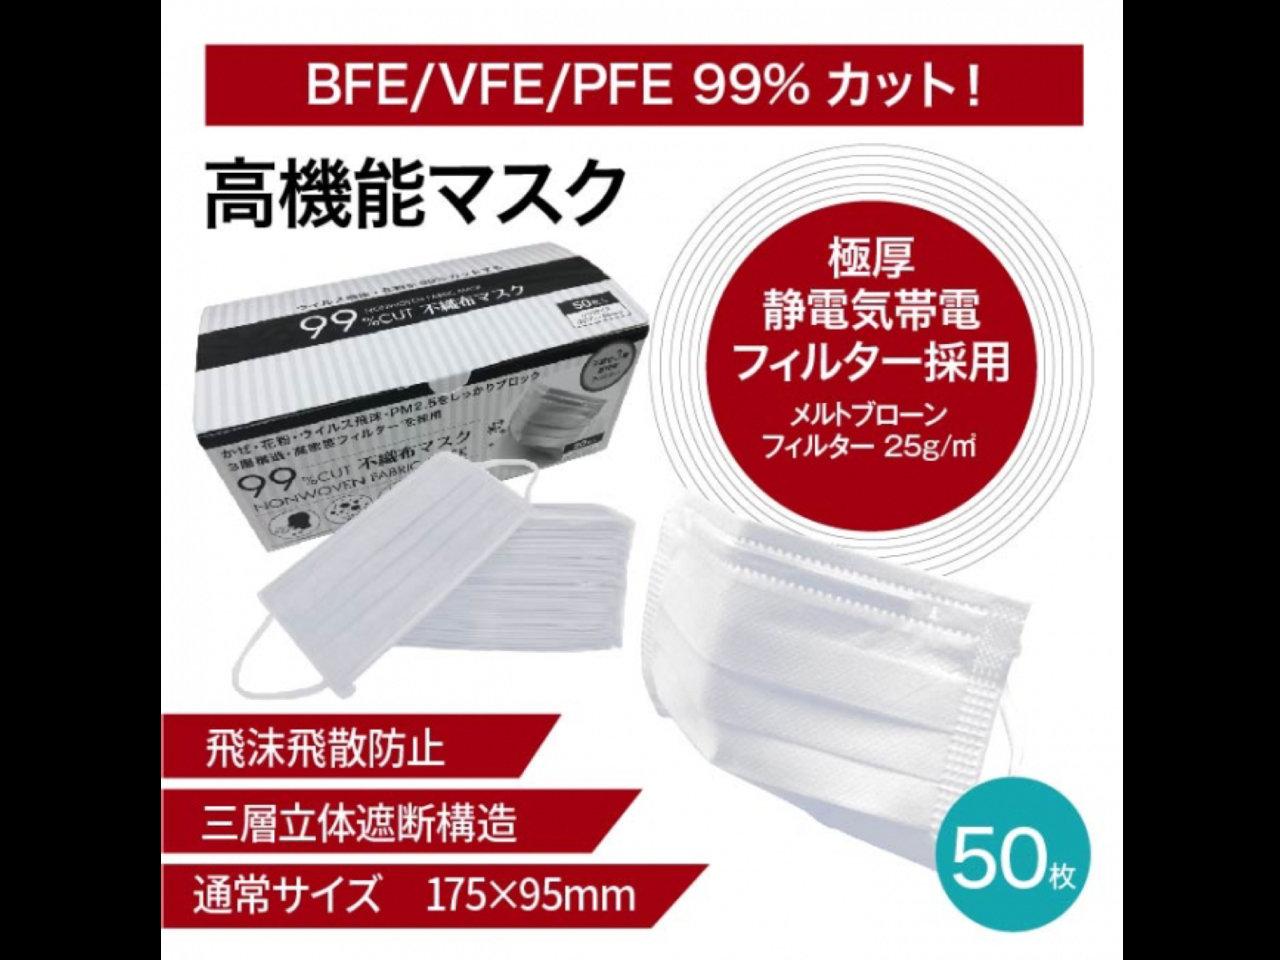 「新生活様式」を支援。高性能不織布マスクを1枚18円で提供します。